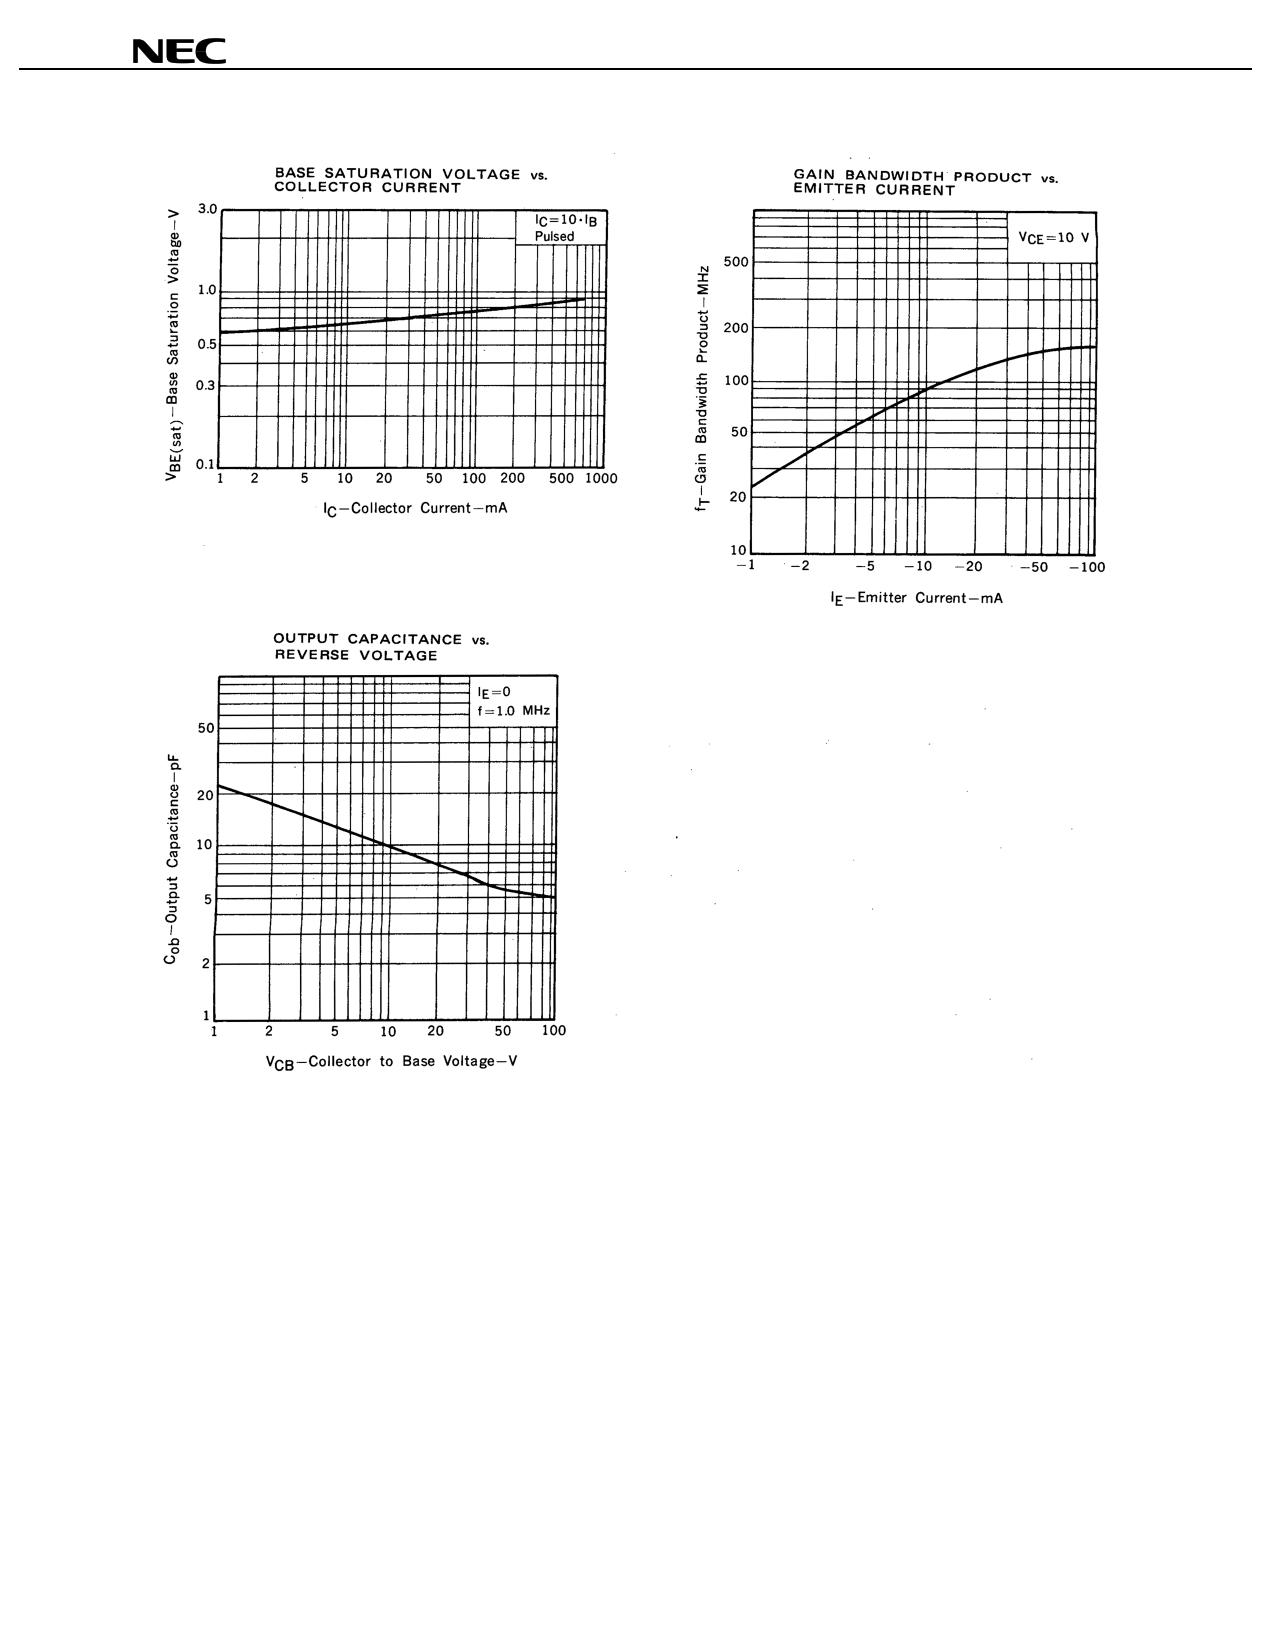 D1007 pdf, 電子部品, 半導体, ピン配列